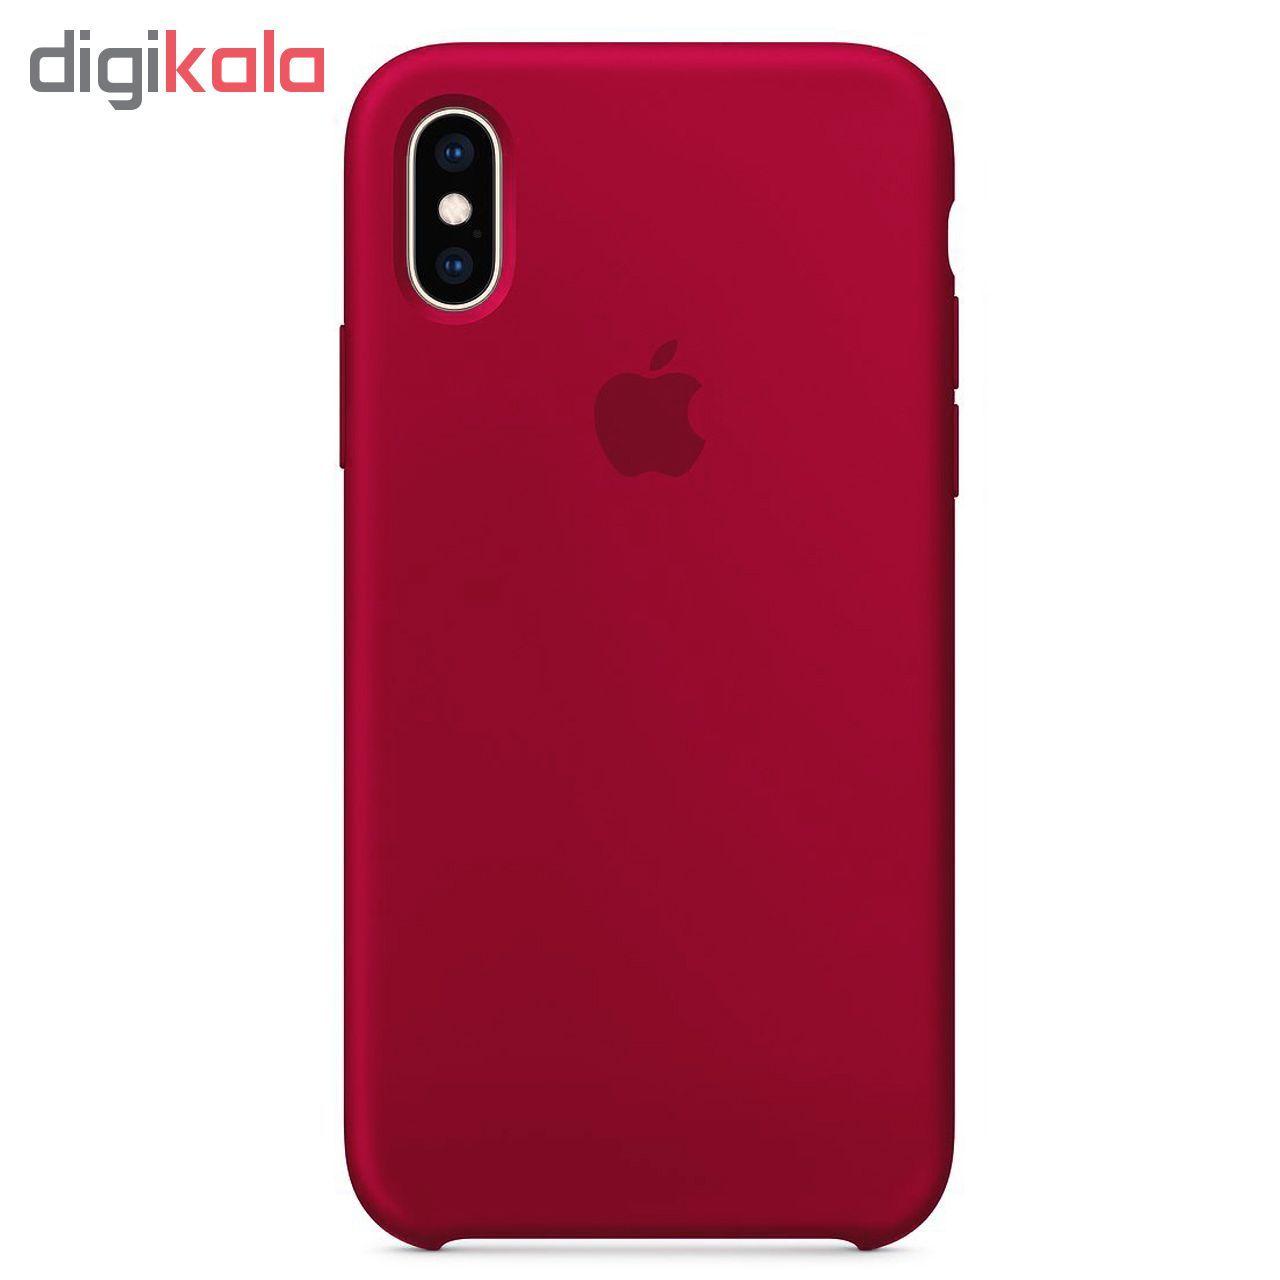 کاور مدل sili003 مناسب برای گوشی موبایل اپل Iphone X / XS main 1 5